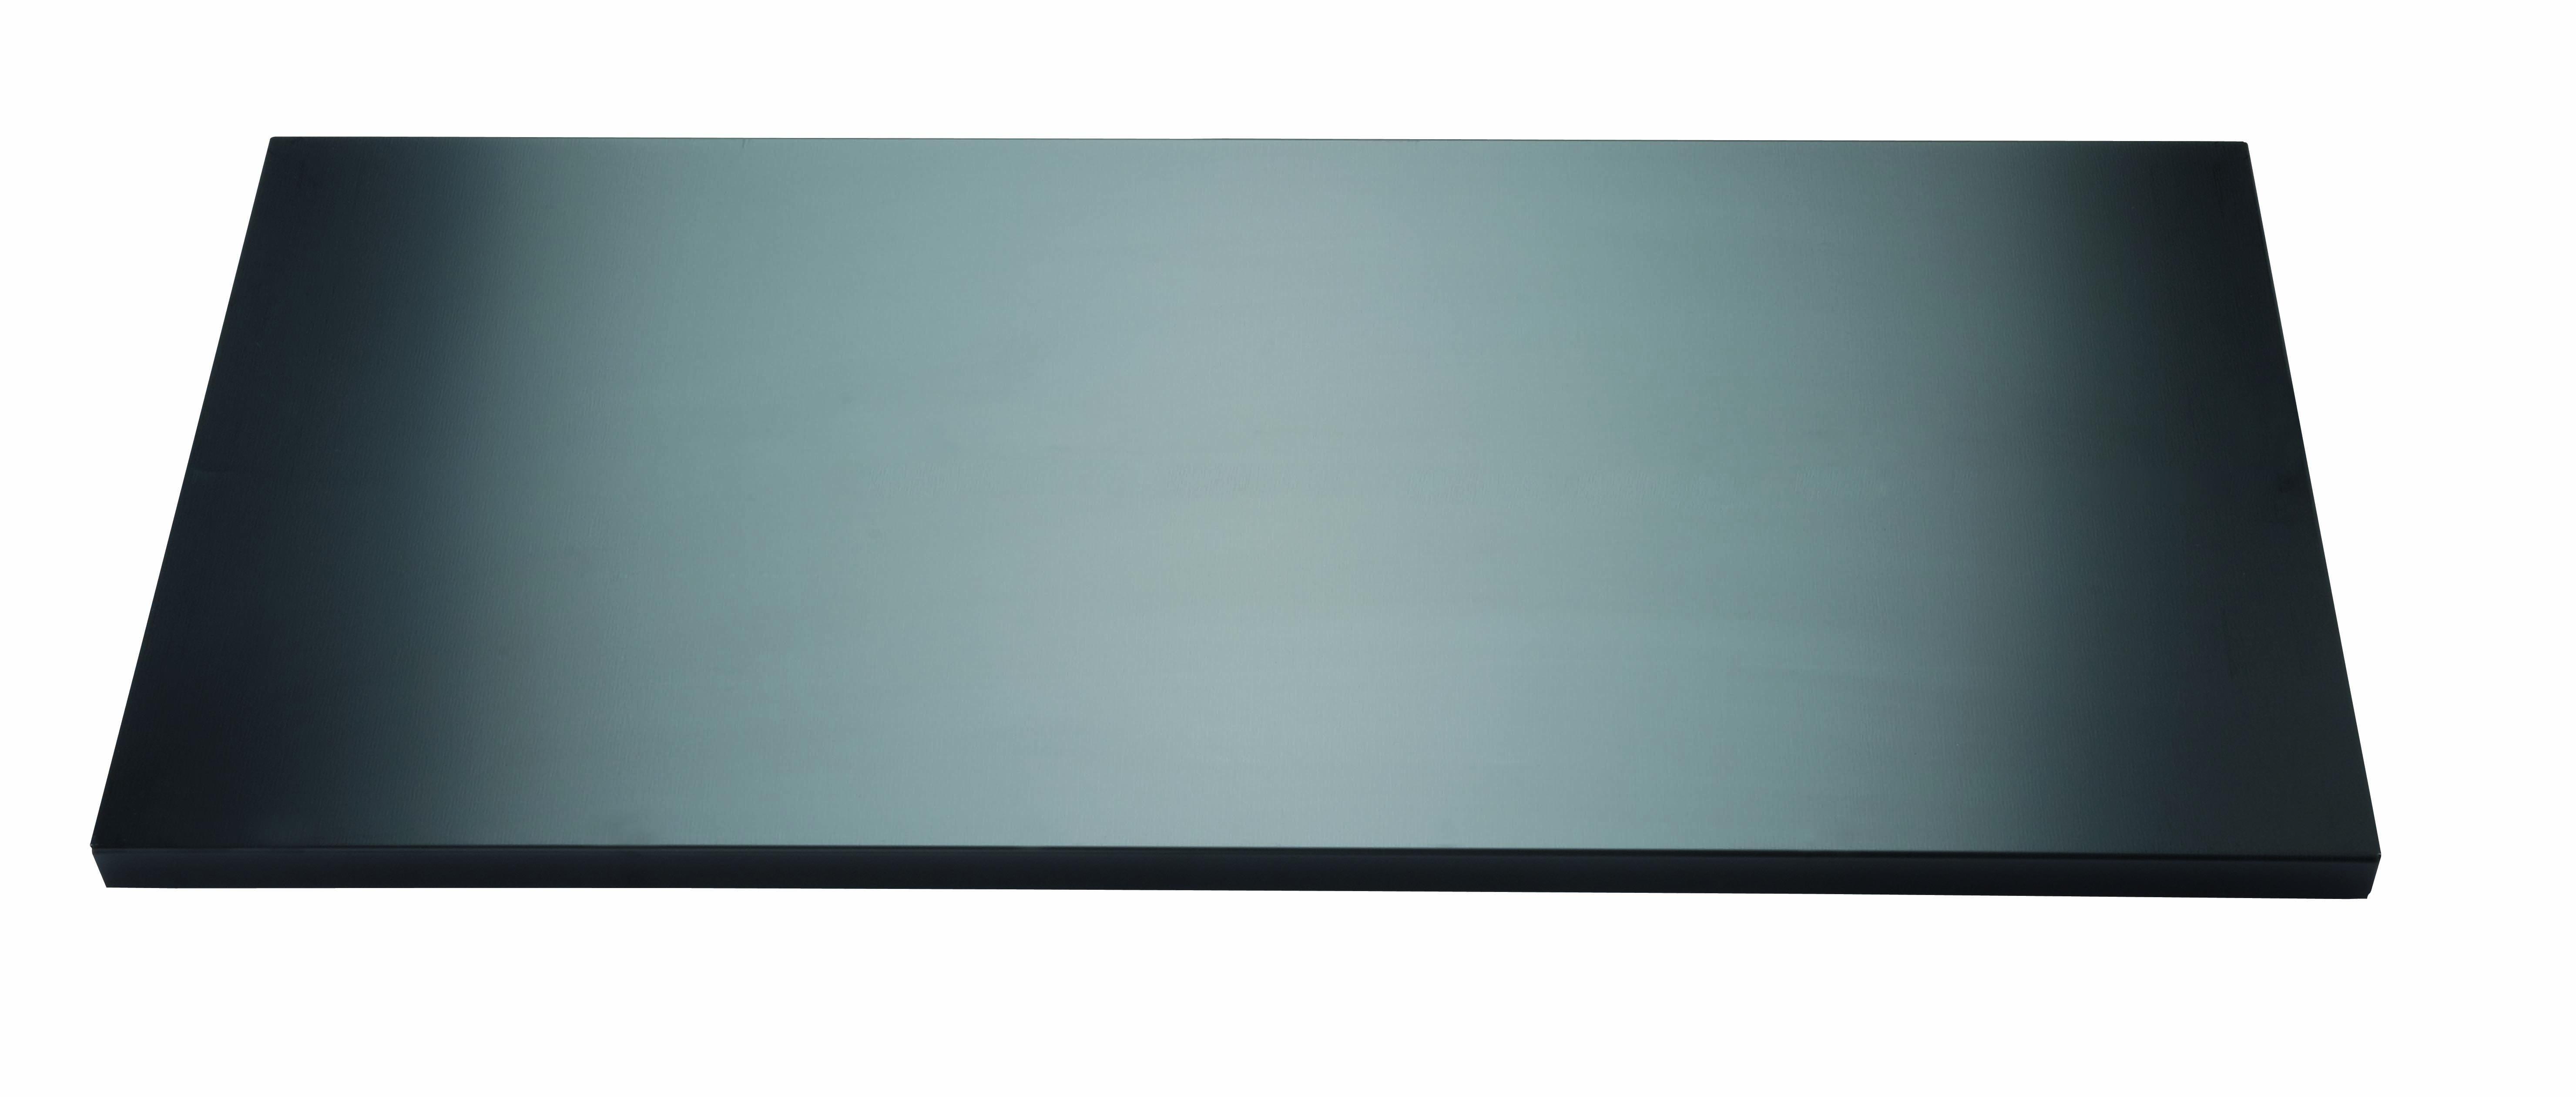 Fachboden mit Lateralhängevorrichtung für EuroTambour, B 1000 mm, Farbe schwarz